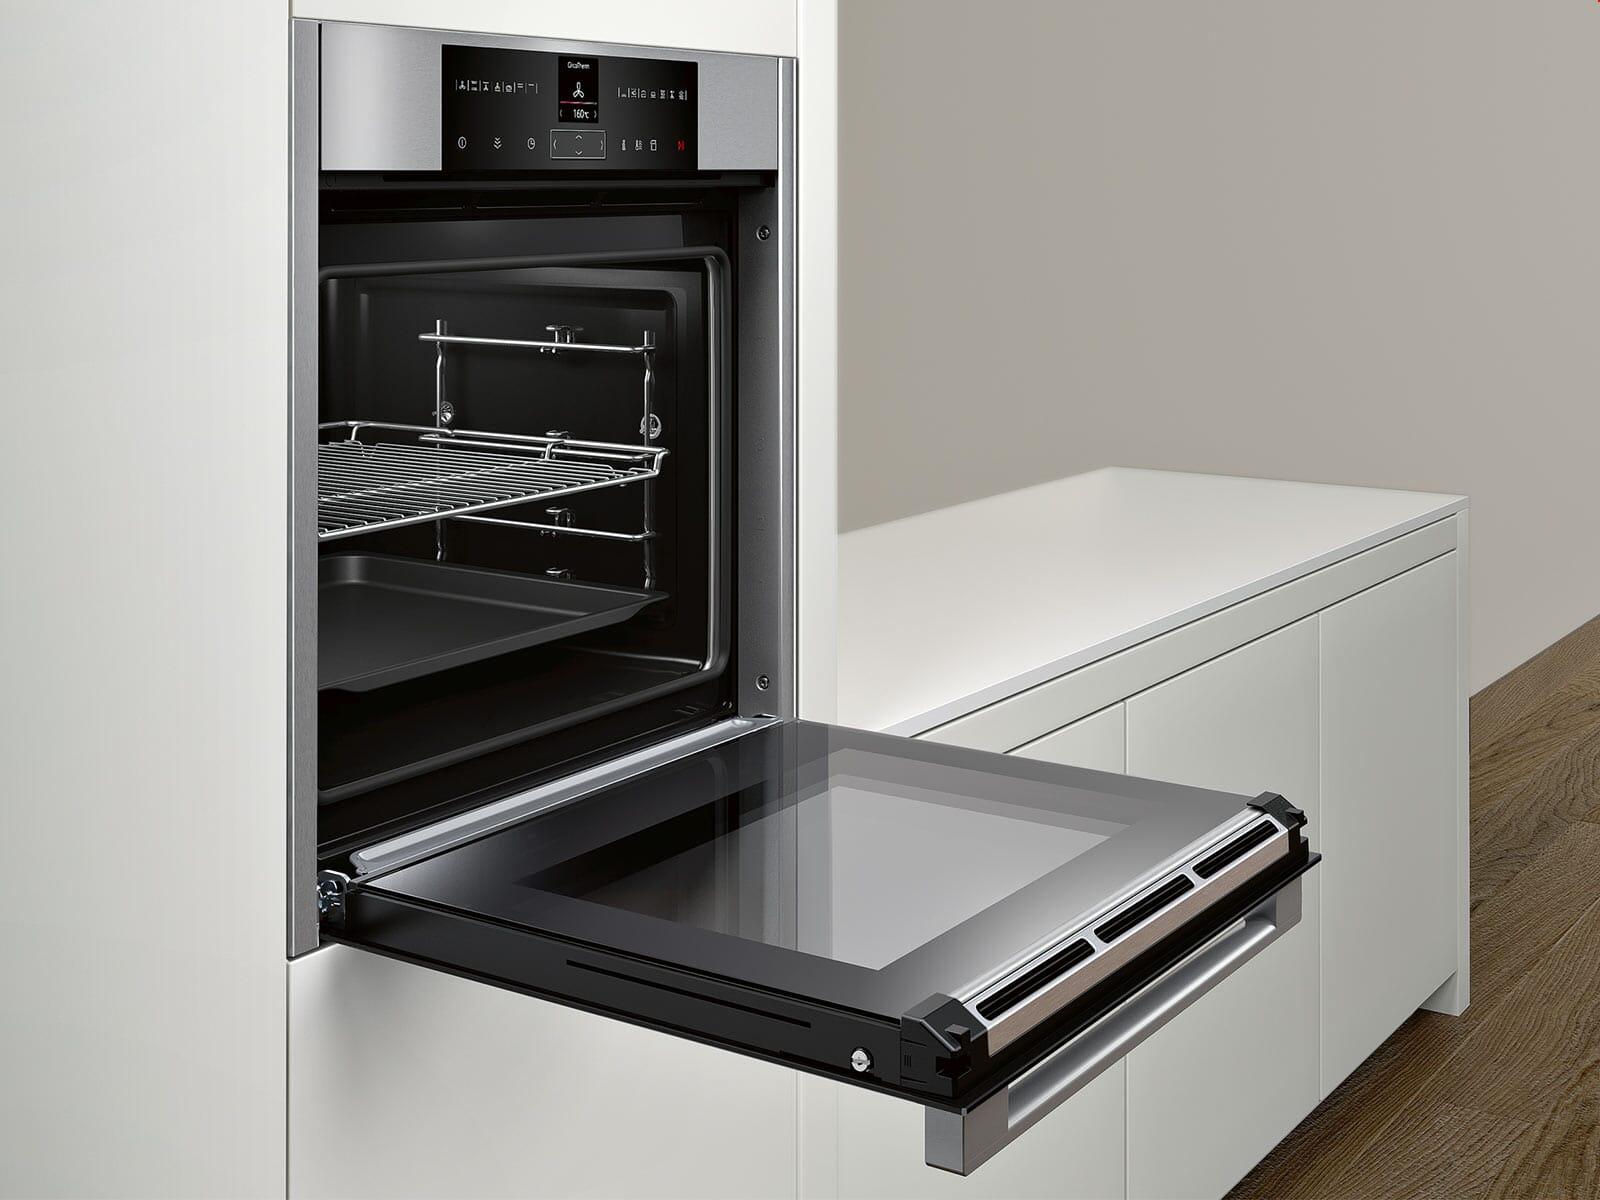 neff bvr2522n pyrolyse backofen edelstahl. Black Bedroom Furniture Sets. Home Design Ideas